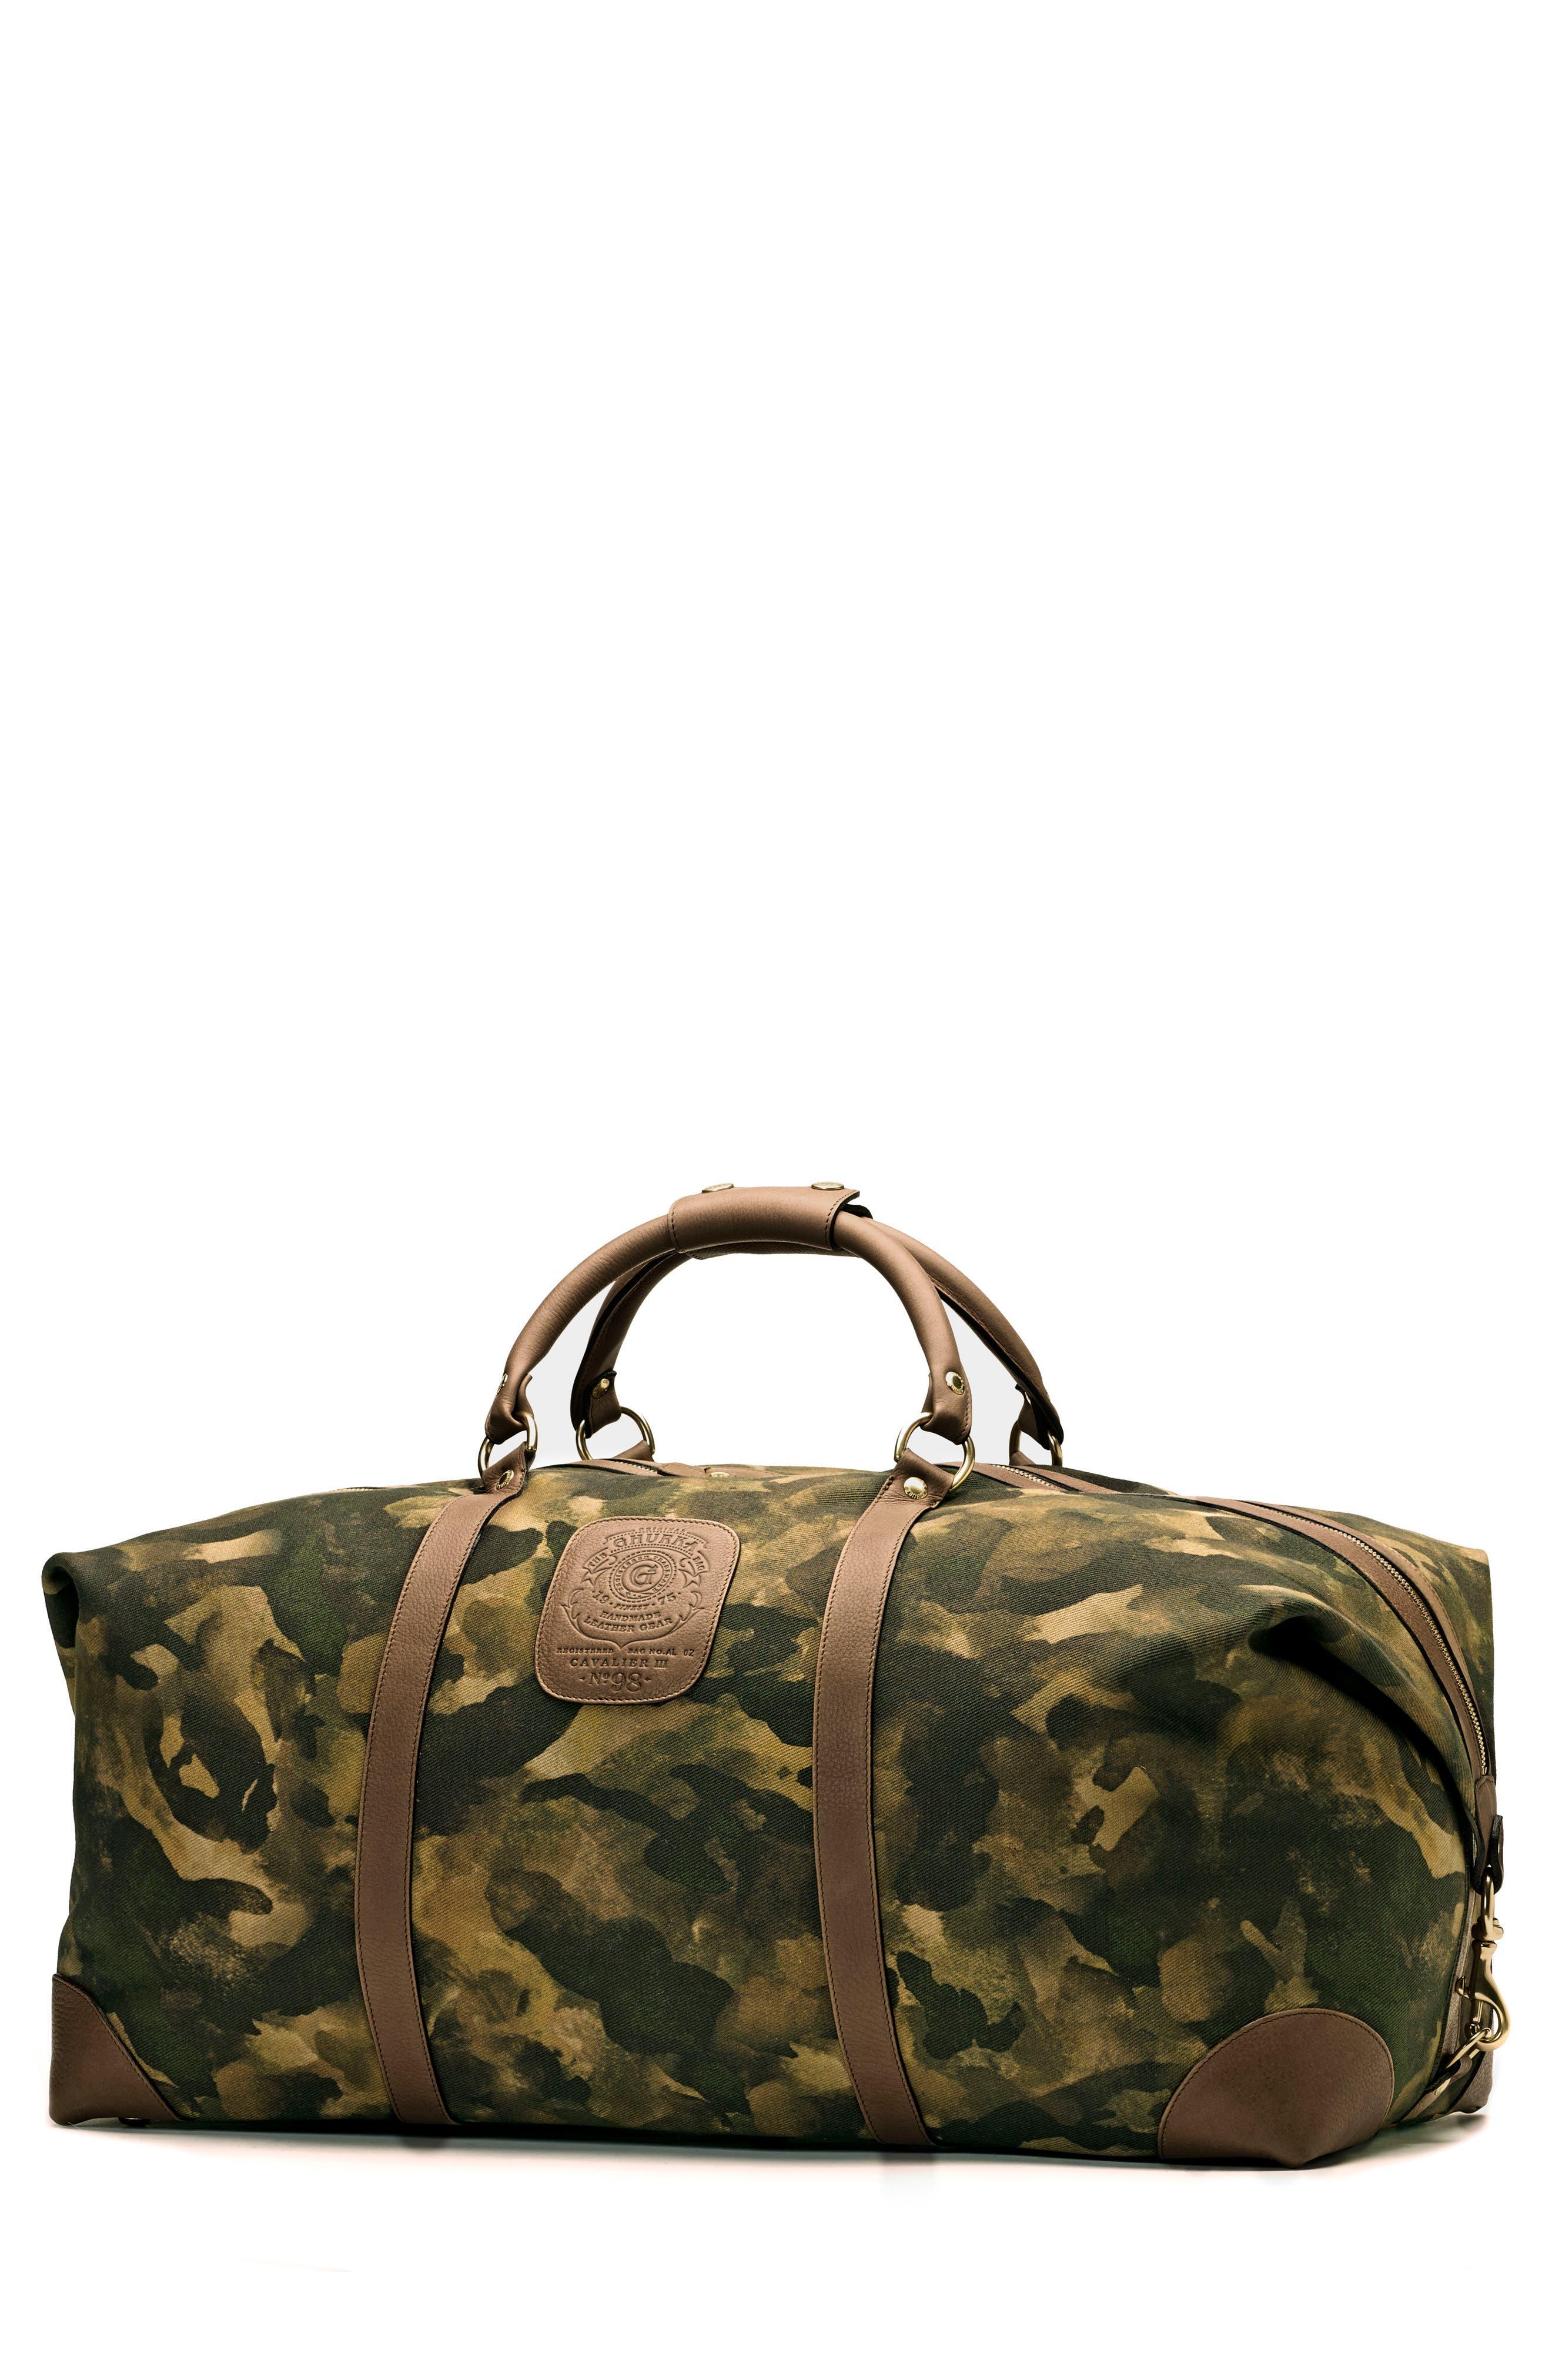 Ghurka Cavalier III Duffel Bag